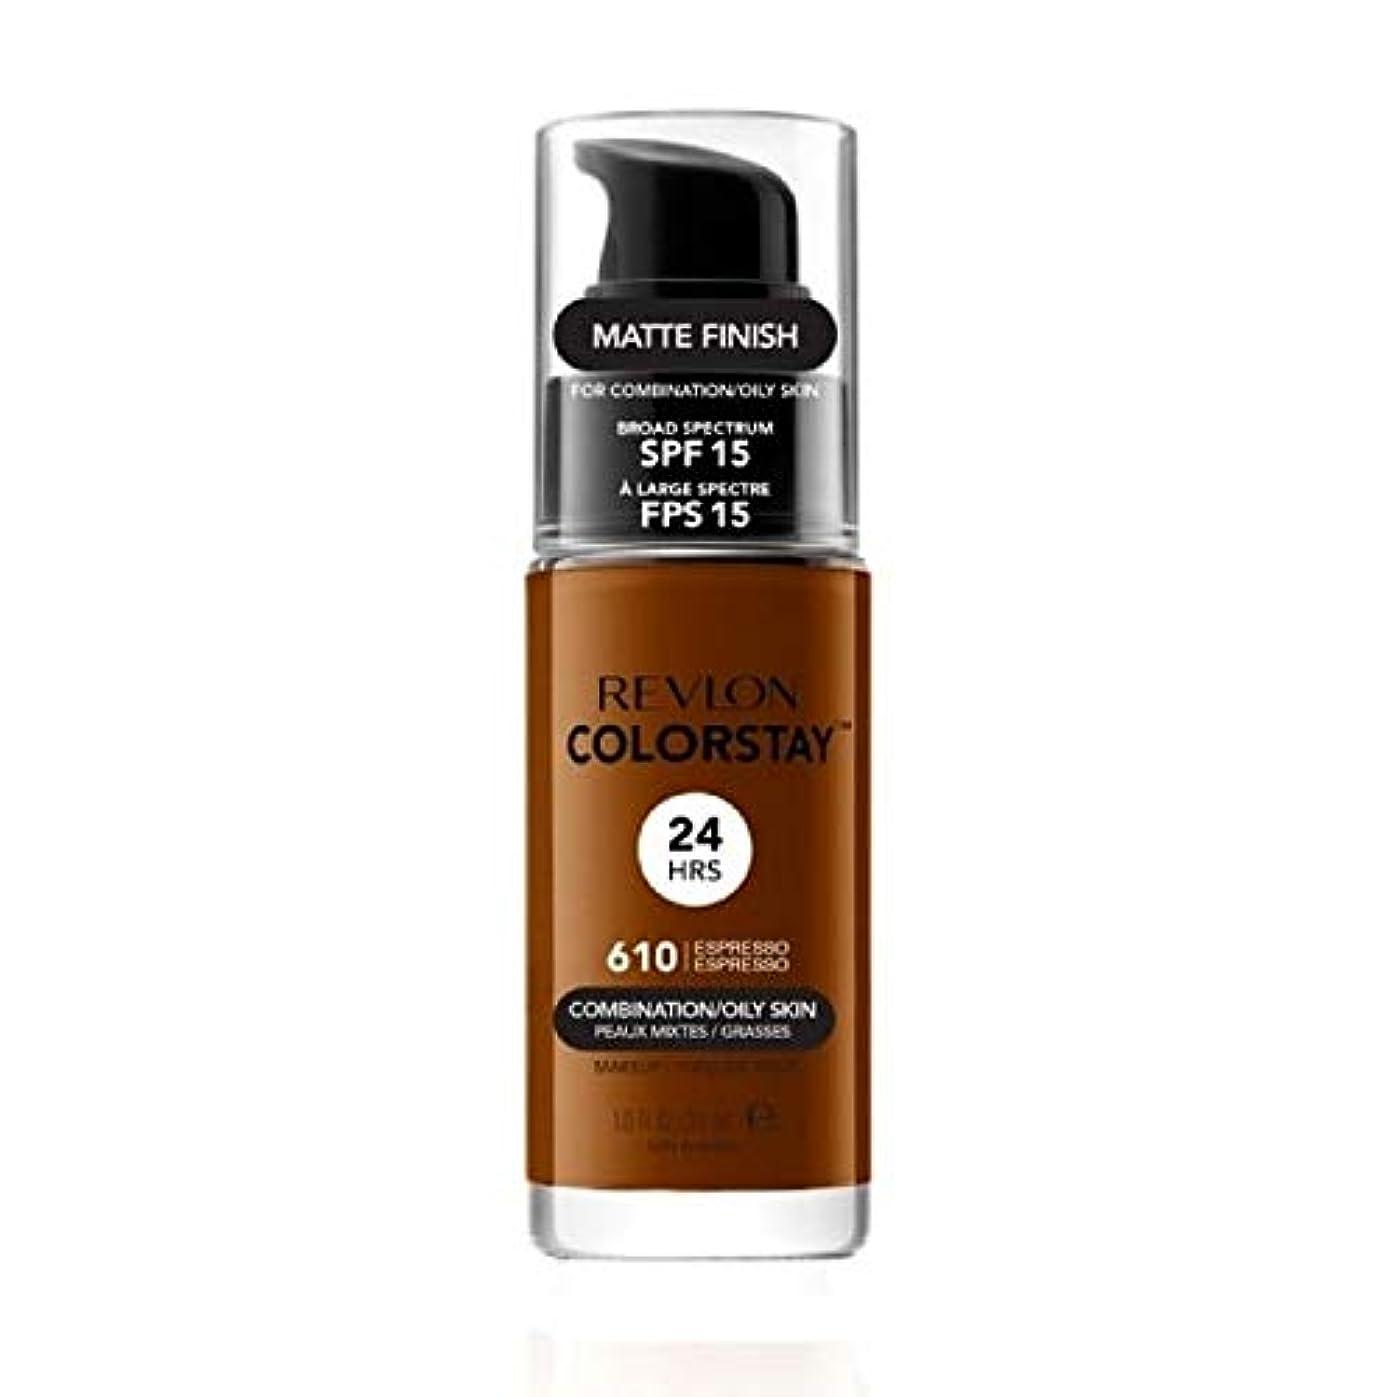 葉ずっと線[Revlon ] レブロンColorstayの基盤コンビオイリー肌の30ミリリットルのエスプレッソ - Revlon Colorstay Foundation Combi Oily skin 30ml Espresso [並行輸入品]